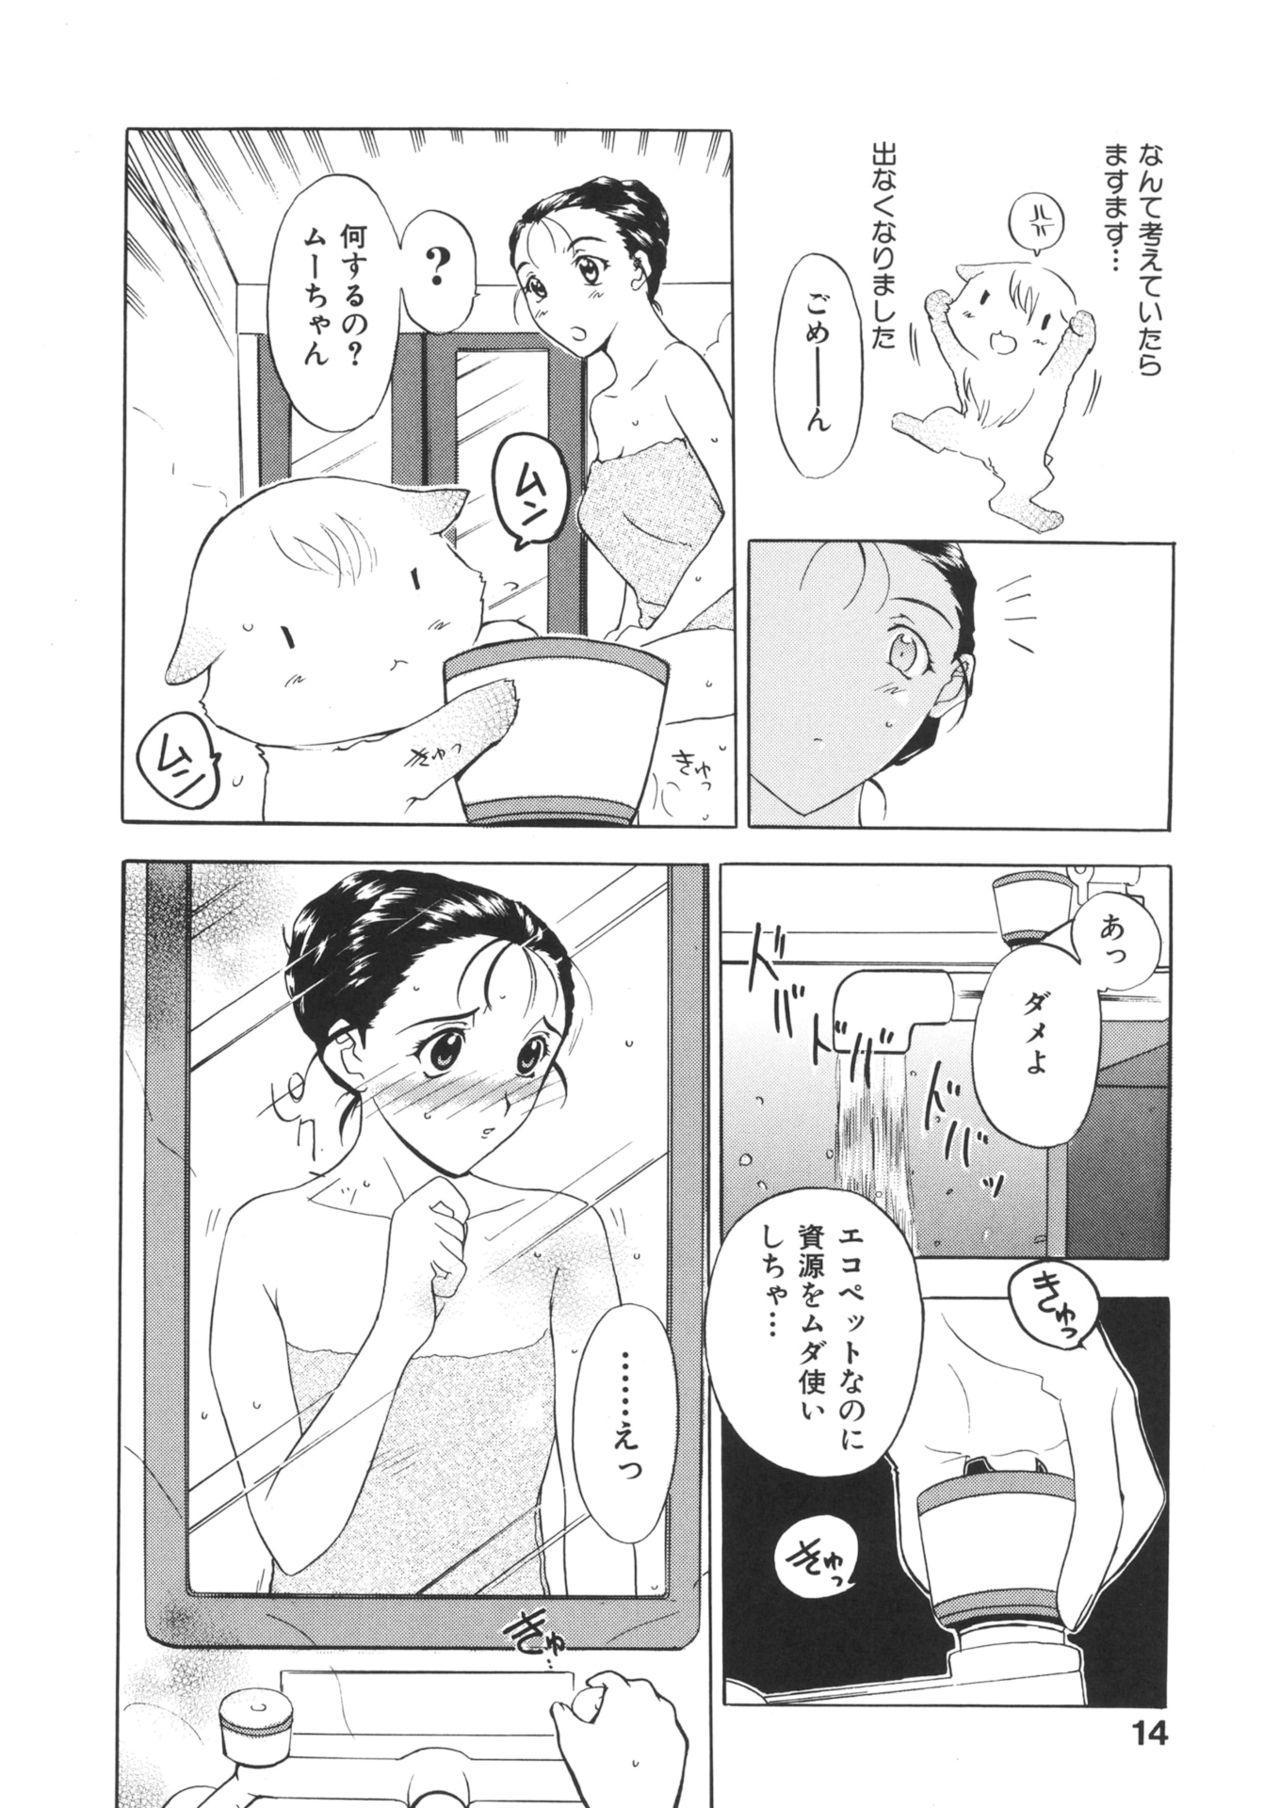 COMIC Kairakuten 25 Shuunen kinen tokubetsugou 77